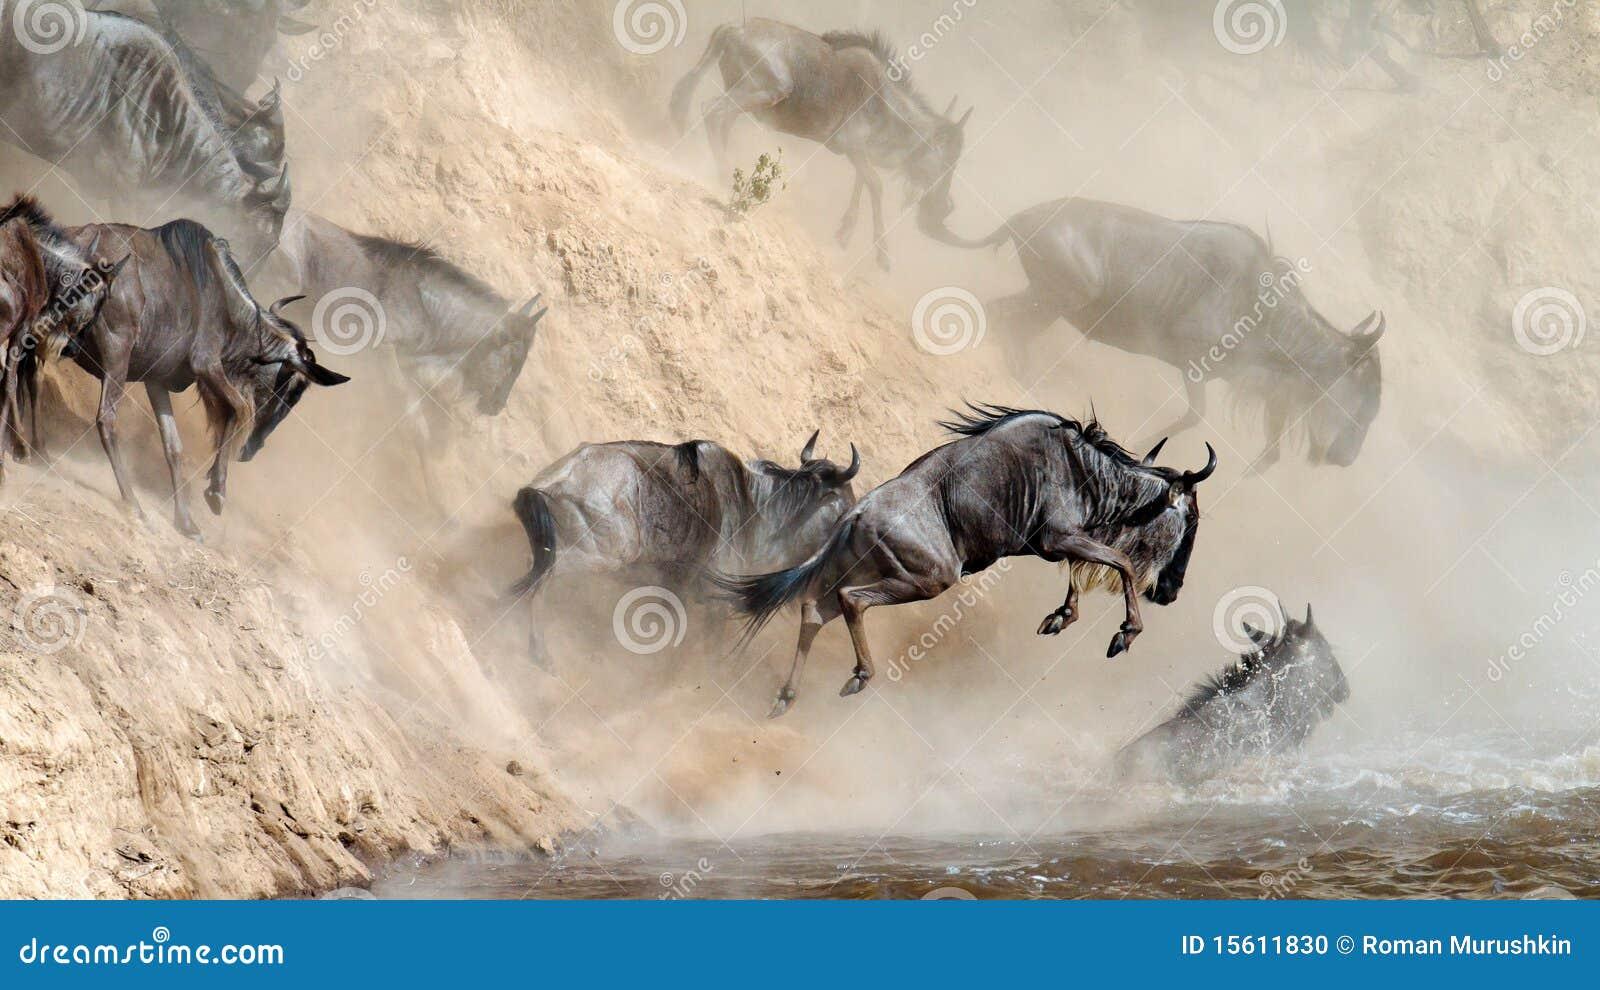 El Wildebeest salta en el río de un alto acantilado